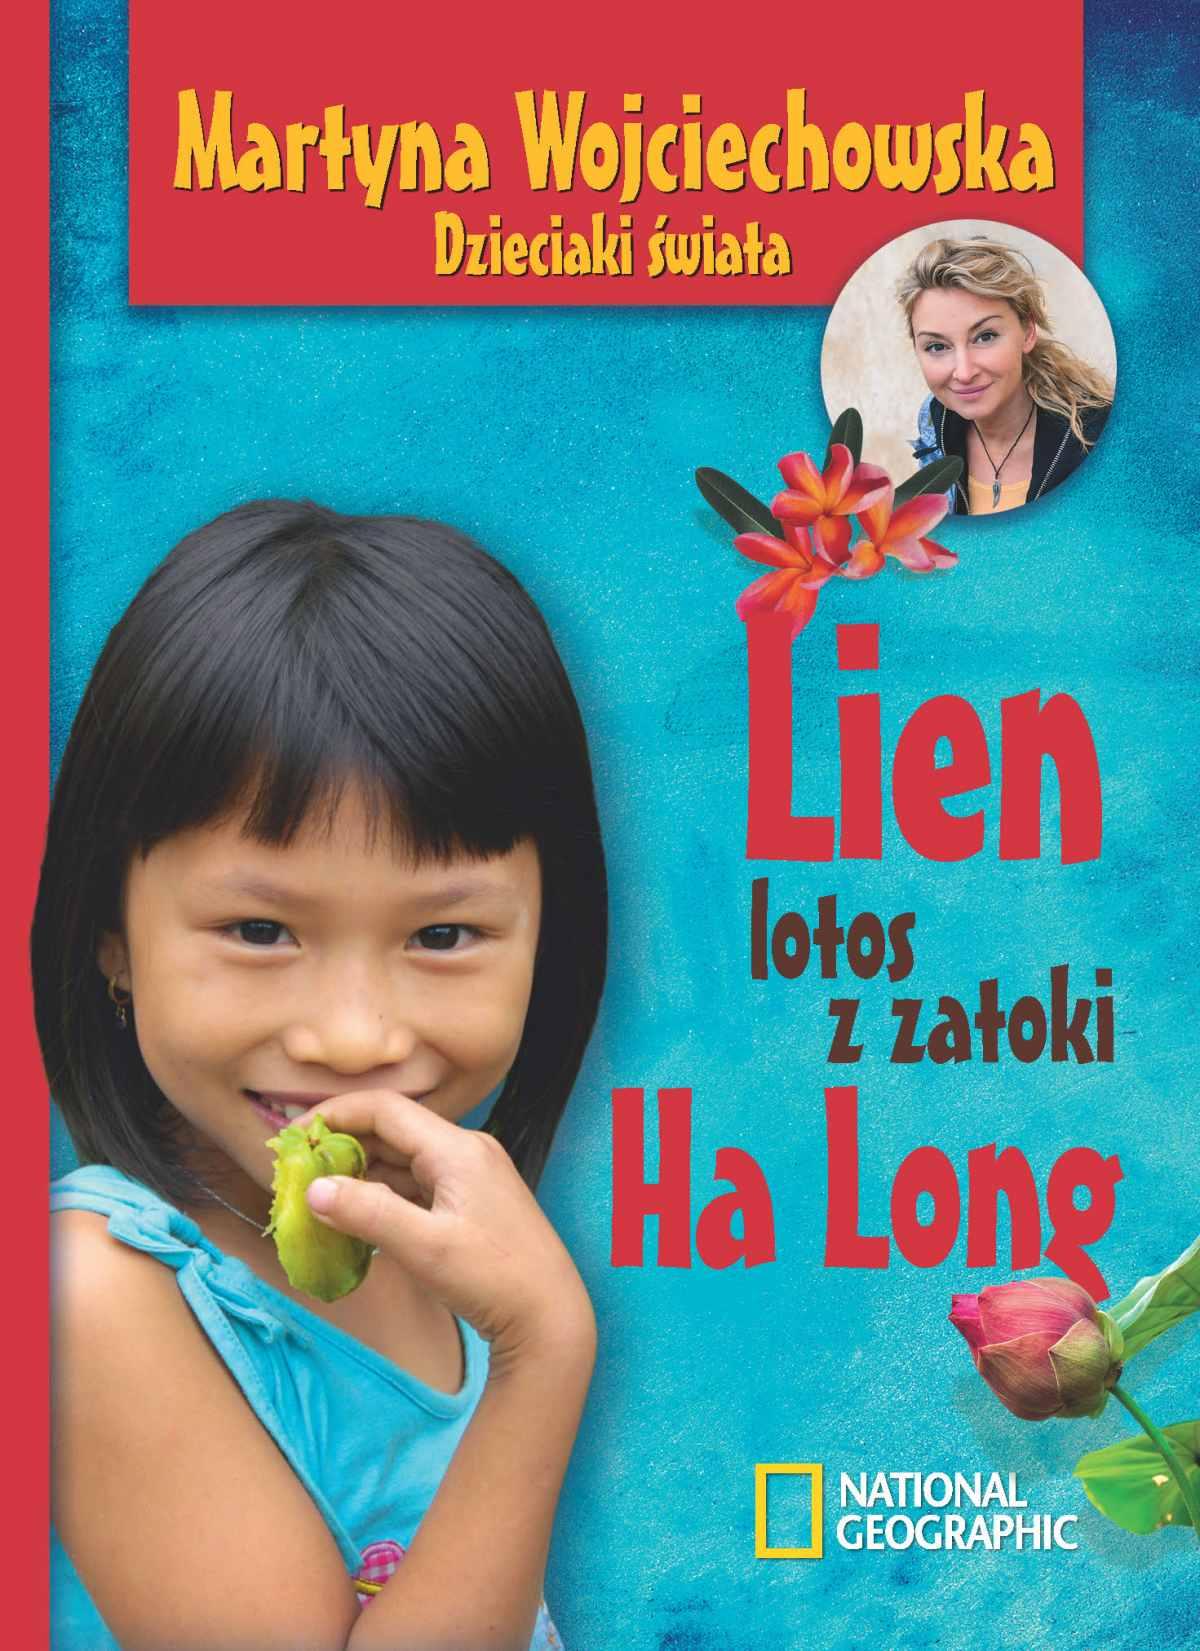 Lien, lotos z zatoki Ha Long - Ebook (Książka EPUB) do pobrania w formacie EPUB